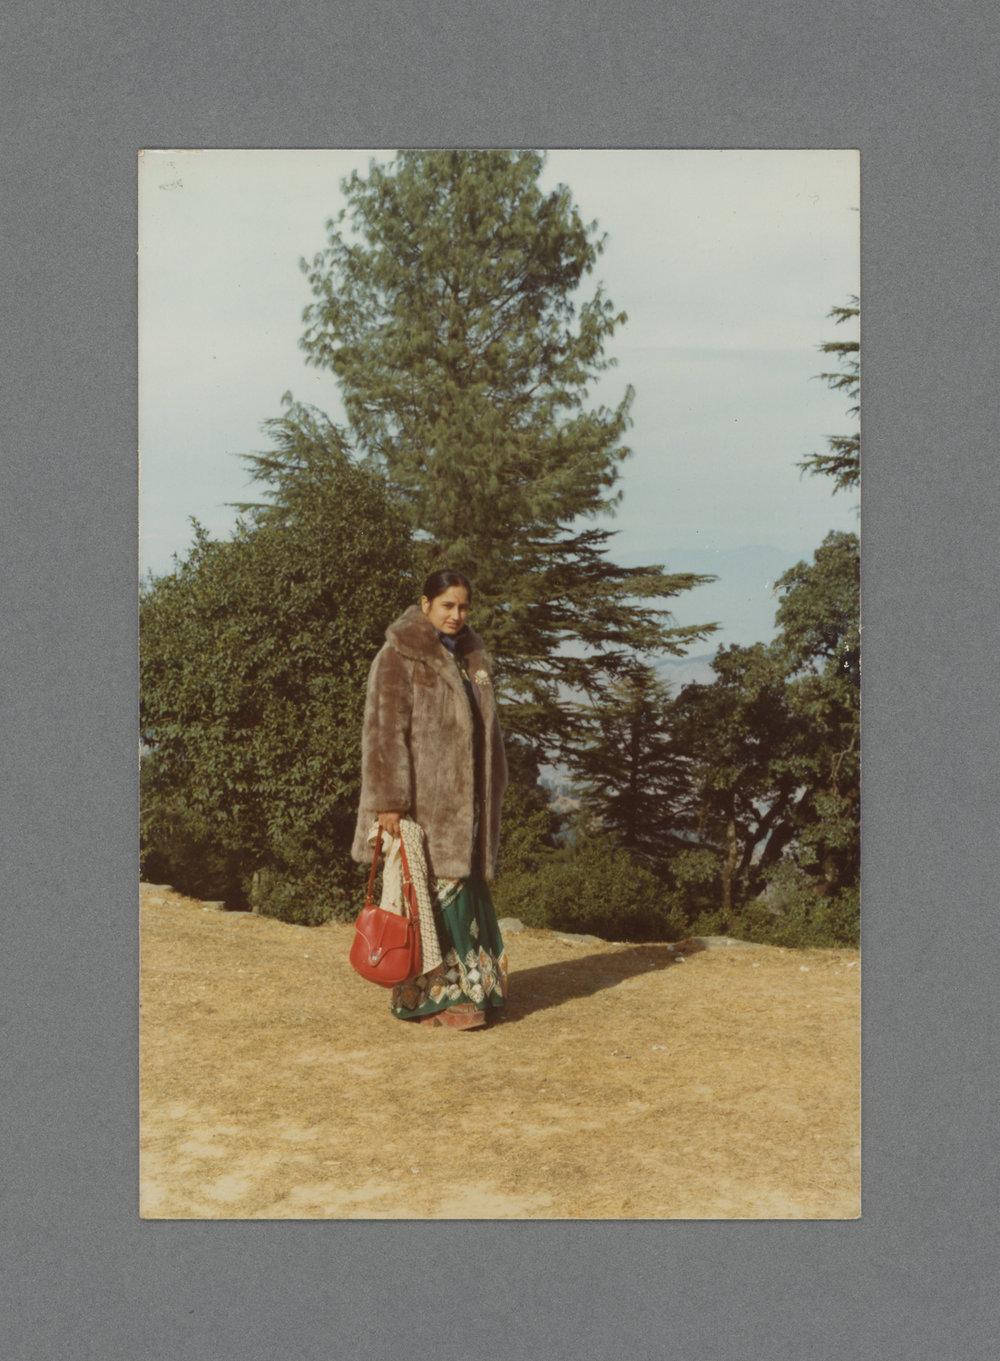 Shimla, India c.1976